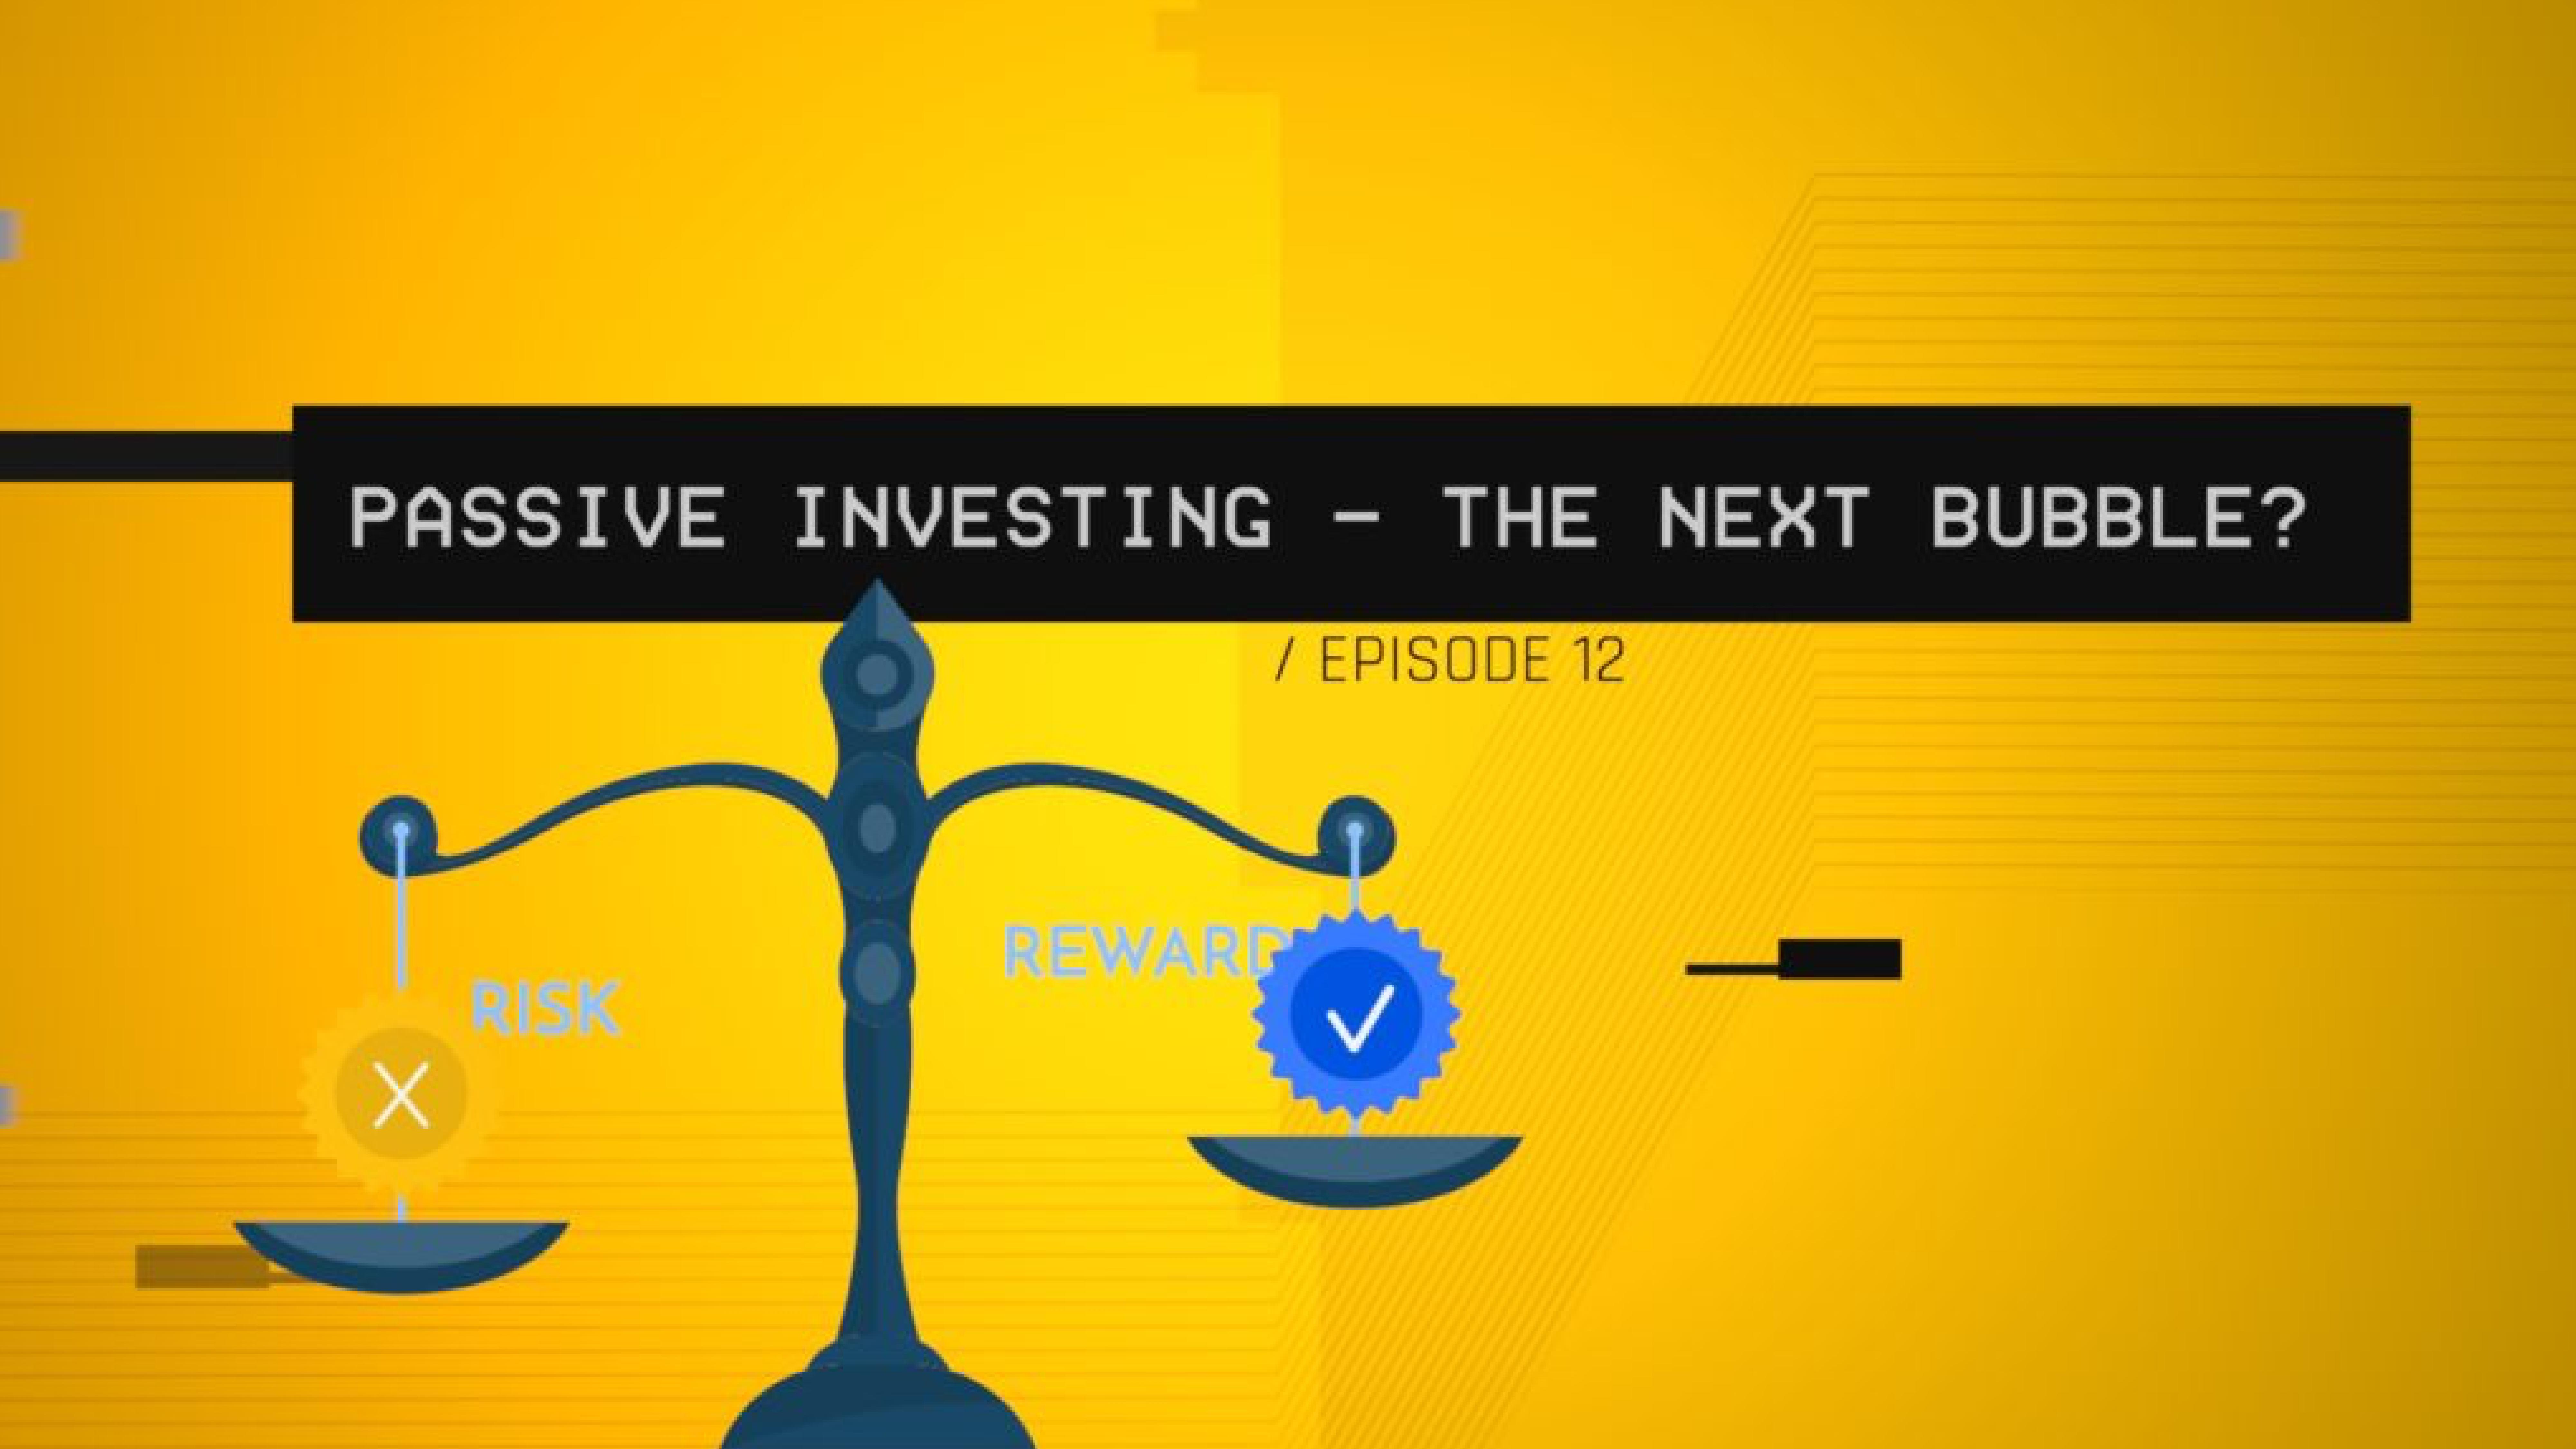 Passive Investing – The Next Bubble? (S1 E12)